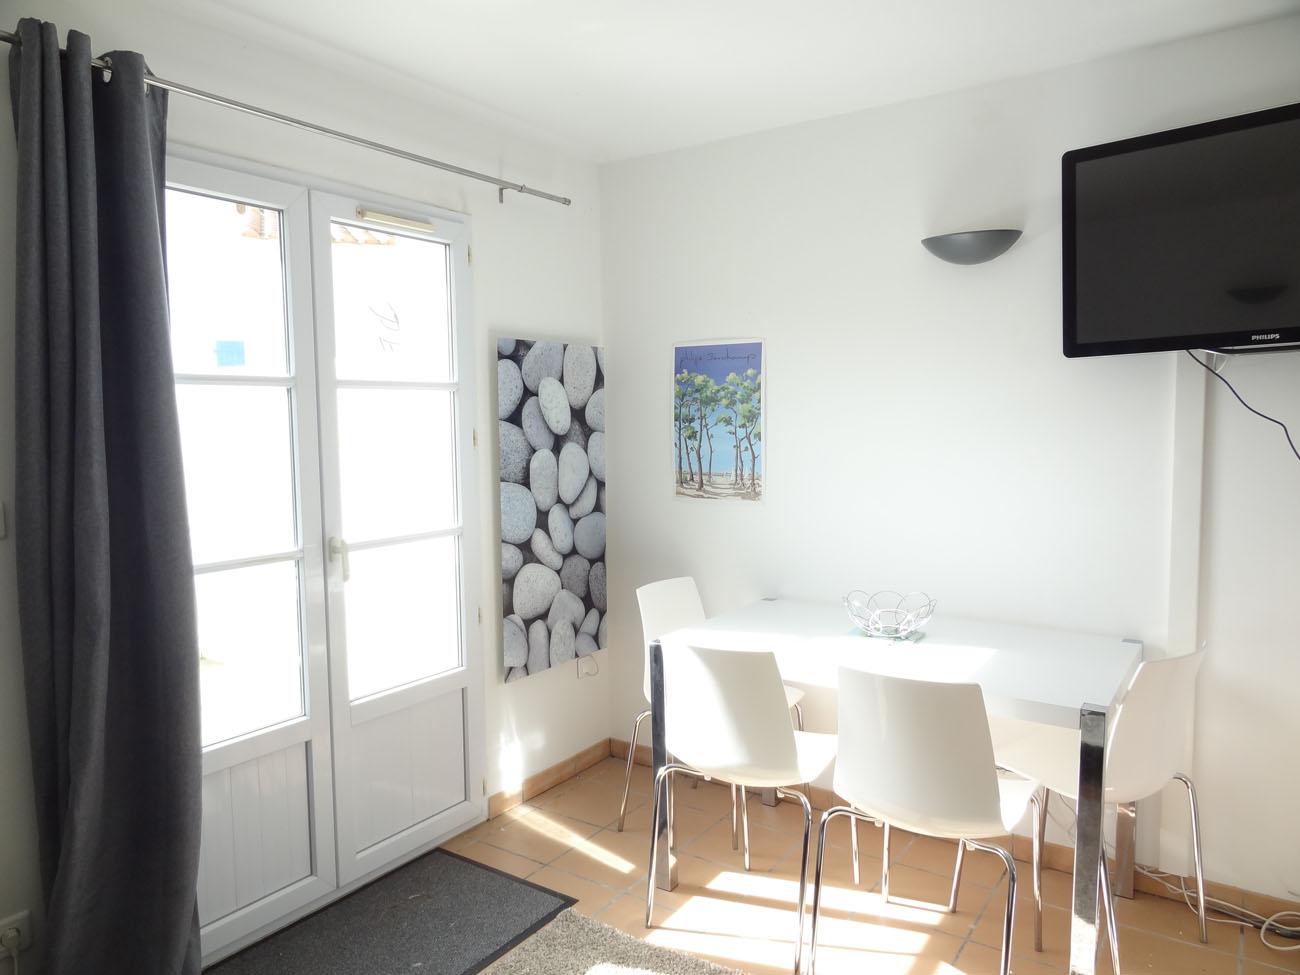 Location Appartement T3 Clapotis Ile de Ré - Coin repas